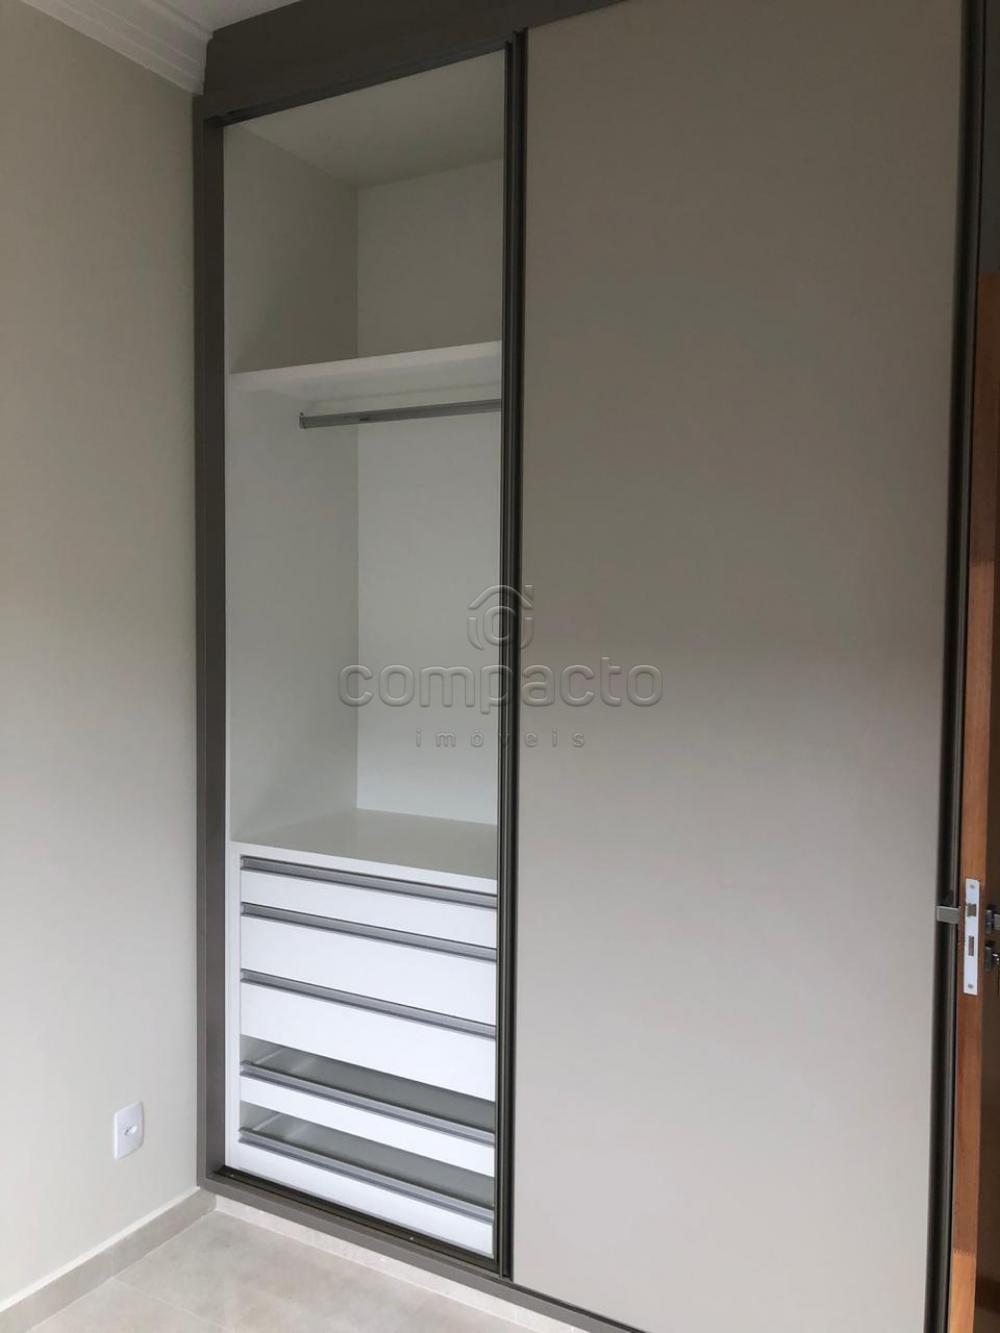 Comprar Casa / Padrão em São José do Rio Preto apenas R$ 480.000,00 - Foto 31